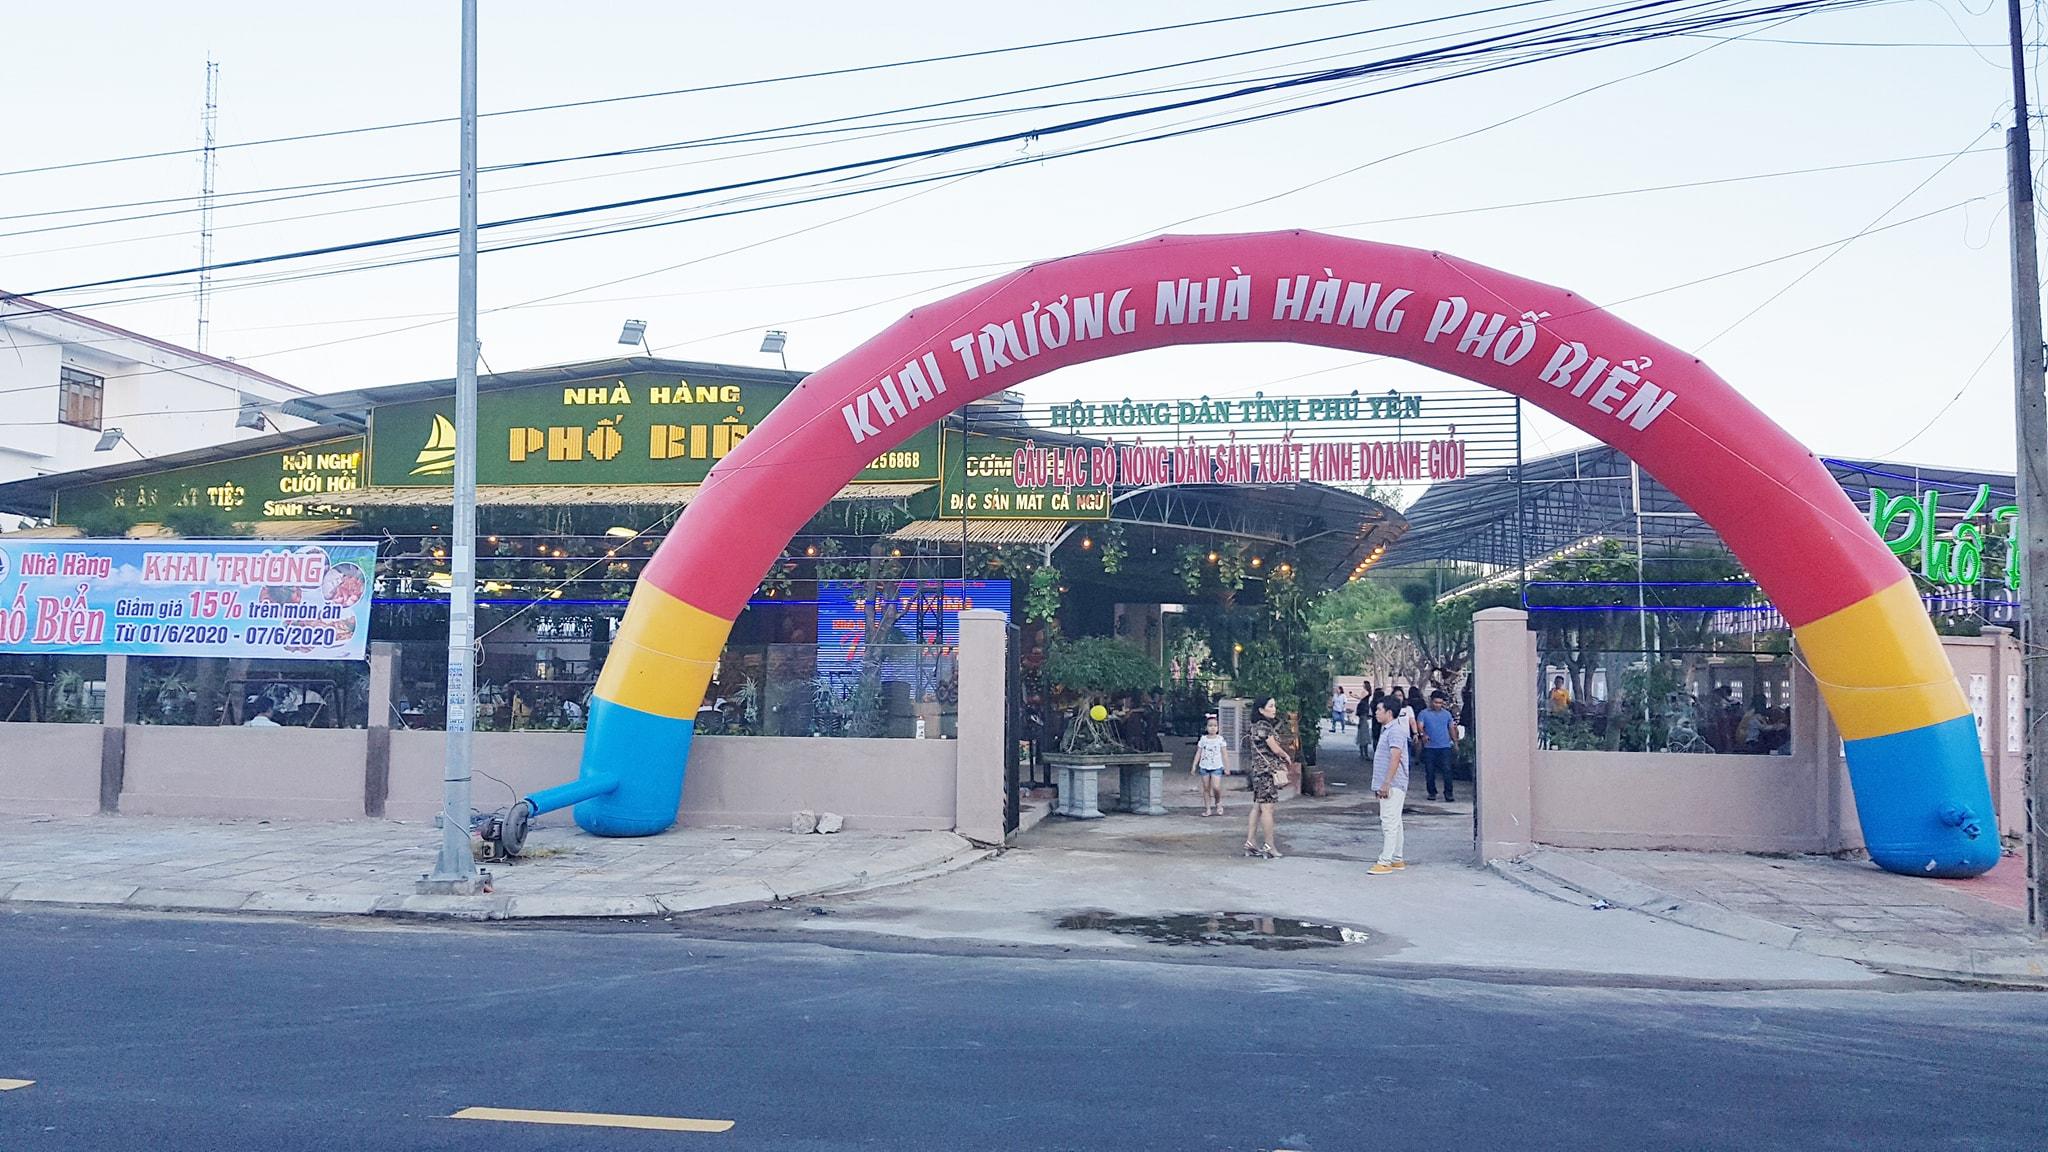 """Chỉ mới được đưa vào hoạt động ít lâu nhưng nhà hàng Phố Biển Tuy Hòa đã gây """"nhớ nhung"""" cho nhiều thực khách"""